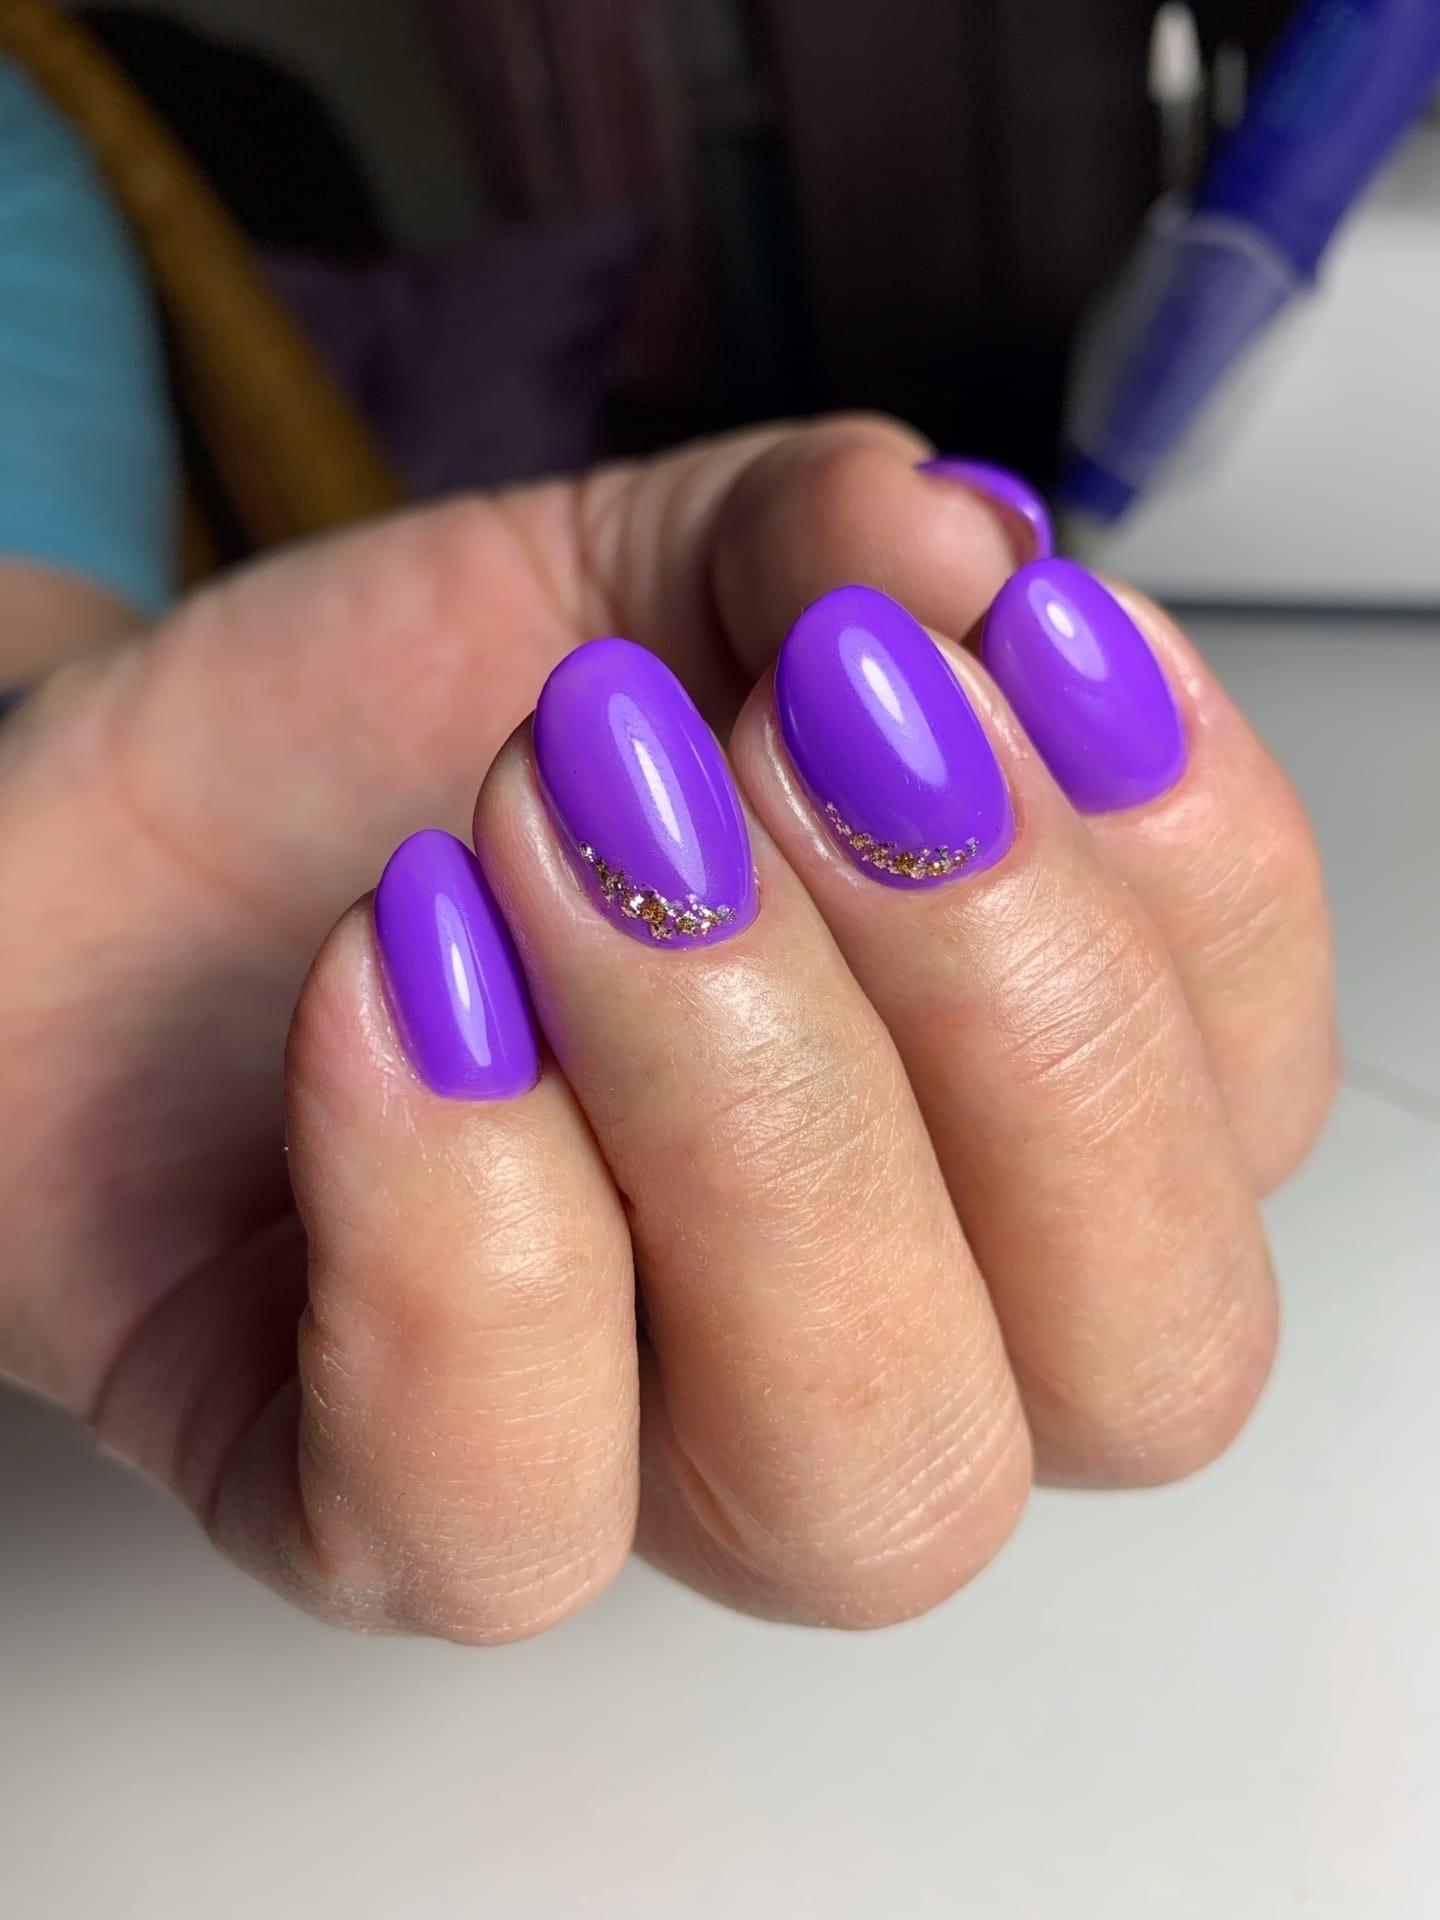 Маникюр с золотыми блестками в фиолетовом цвете на короткие ногти.